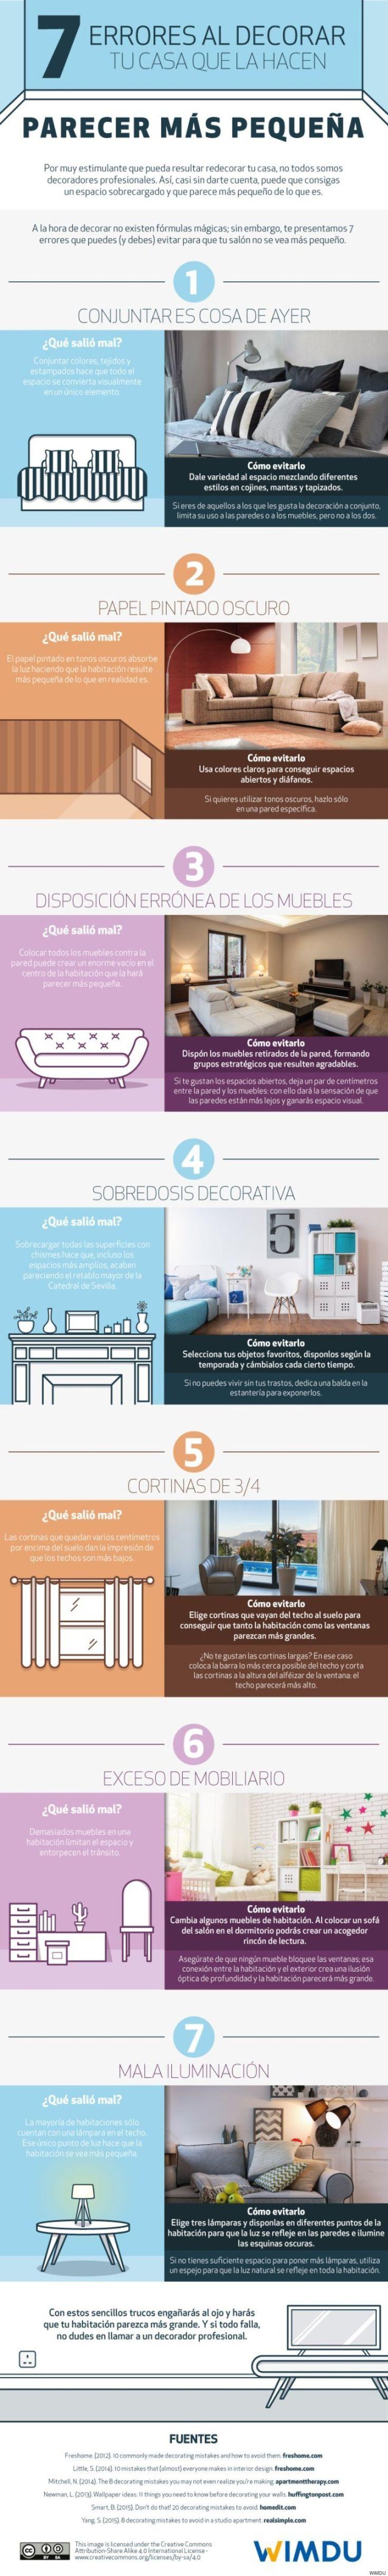 7 trucos de decoración para evitar que tu casa parezca más pequeña